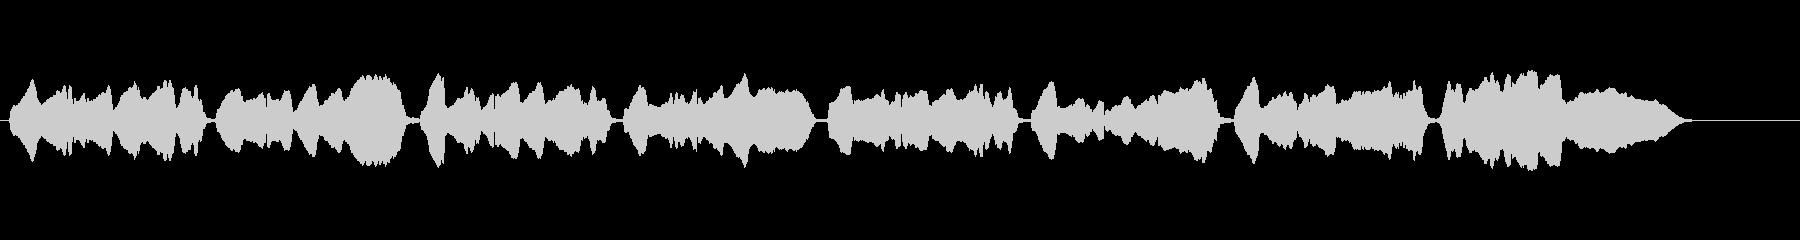 ハーモニカで演奏した『蛍の光』の未再生の波形